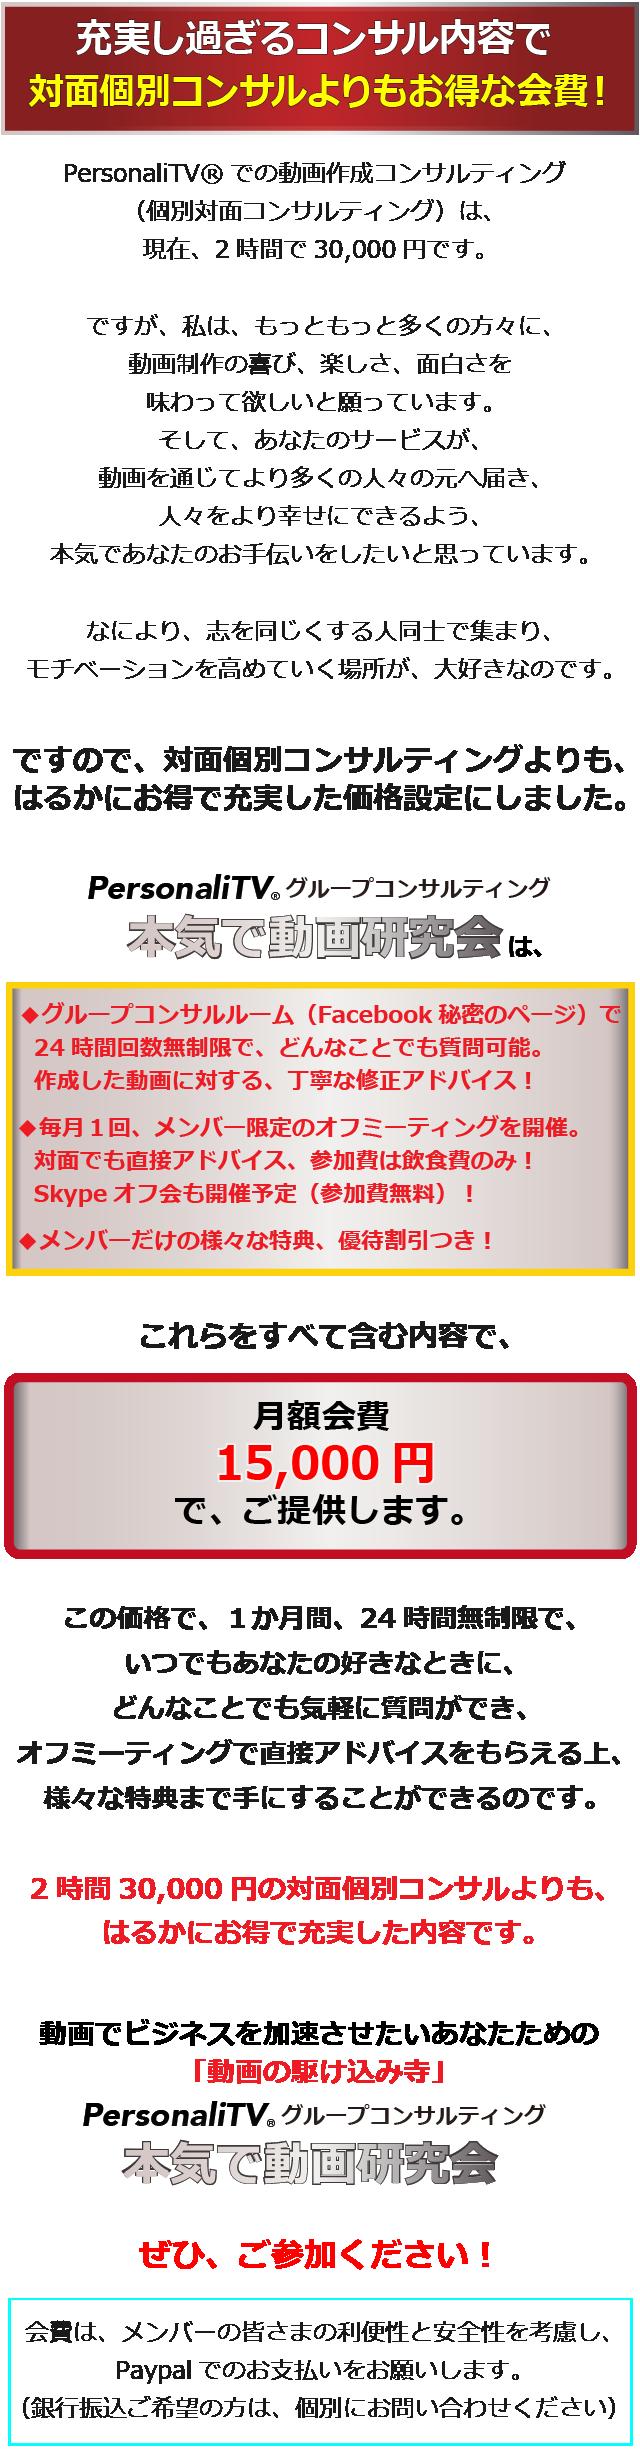 動画研究会チラシHP用_8